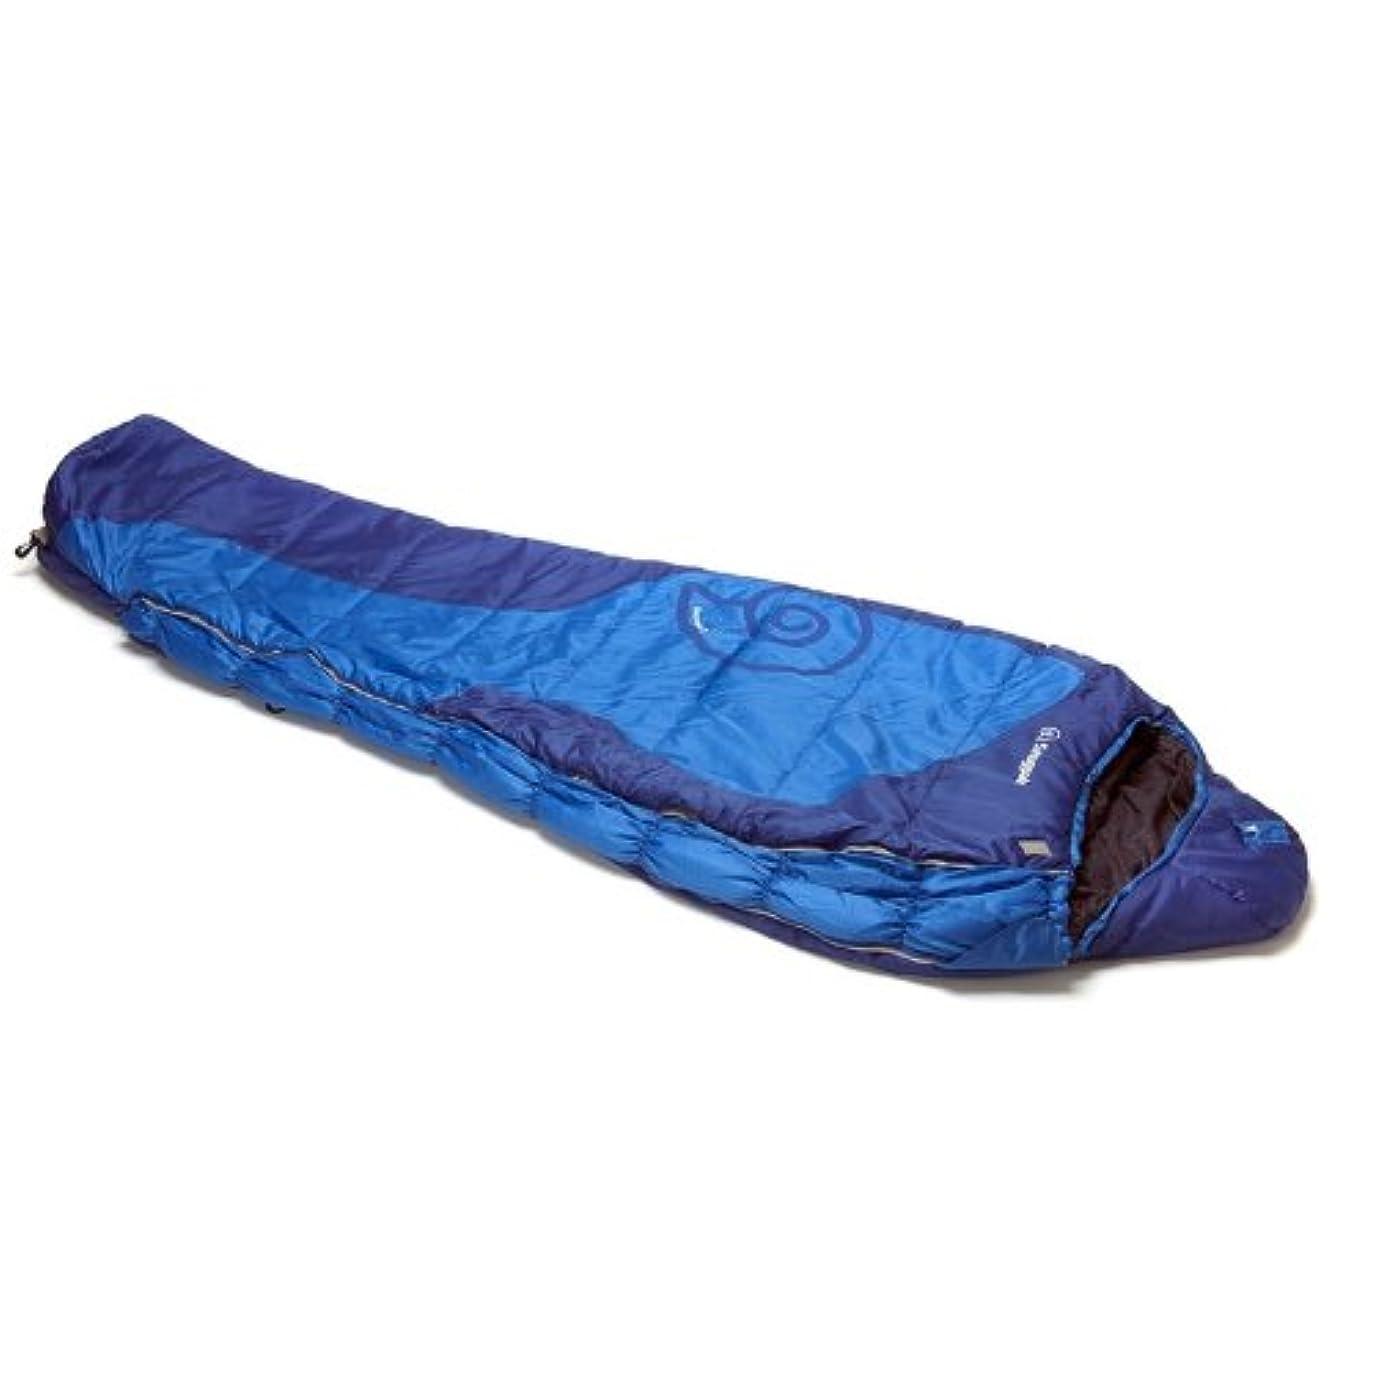 静脈わざわざリスクSnugpak(スナグパック) 寝袋 ソフティクリサリス3 オーシャンブルー [最低使用温度-10度]